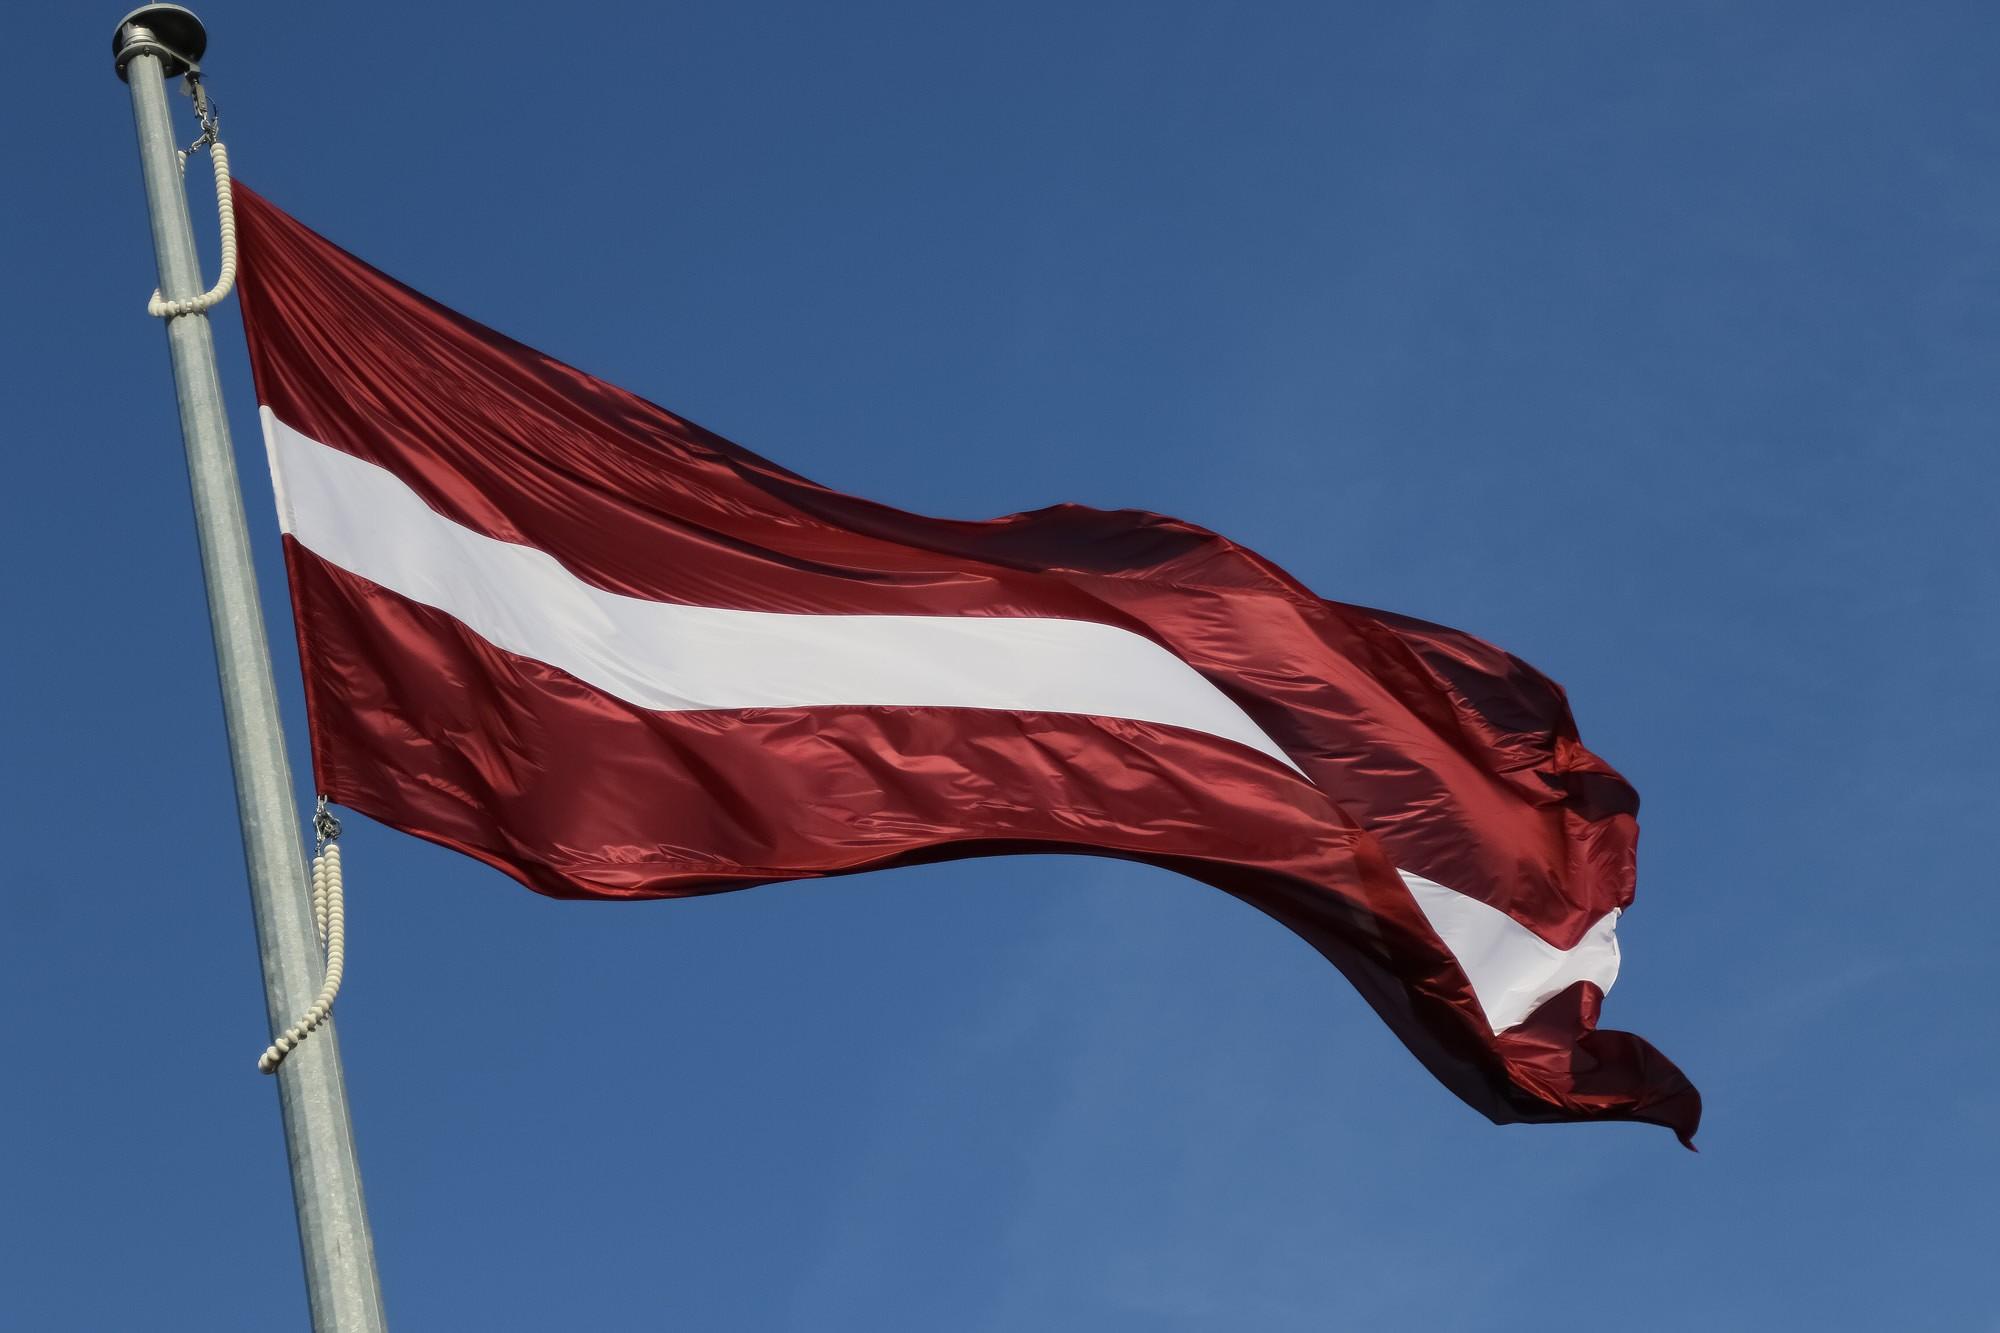 Būvvaldes noliktavā glabājas vairāk nekā 450 valsts un pilsētas karogu